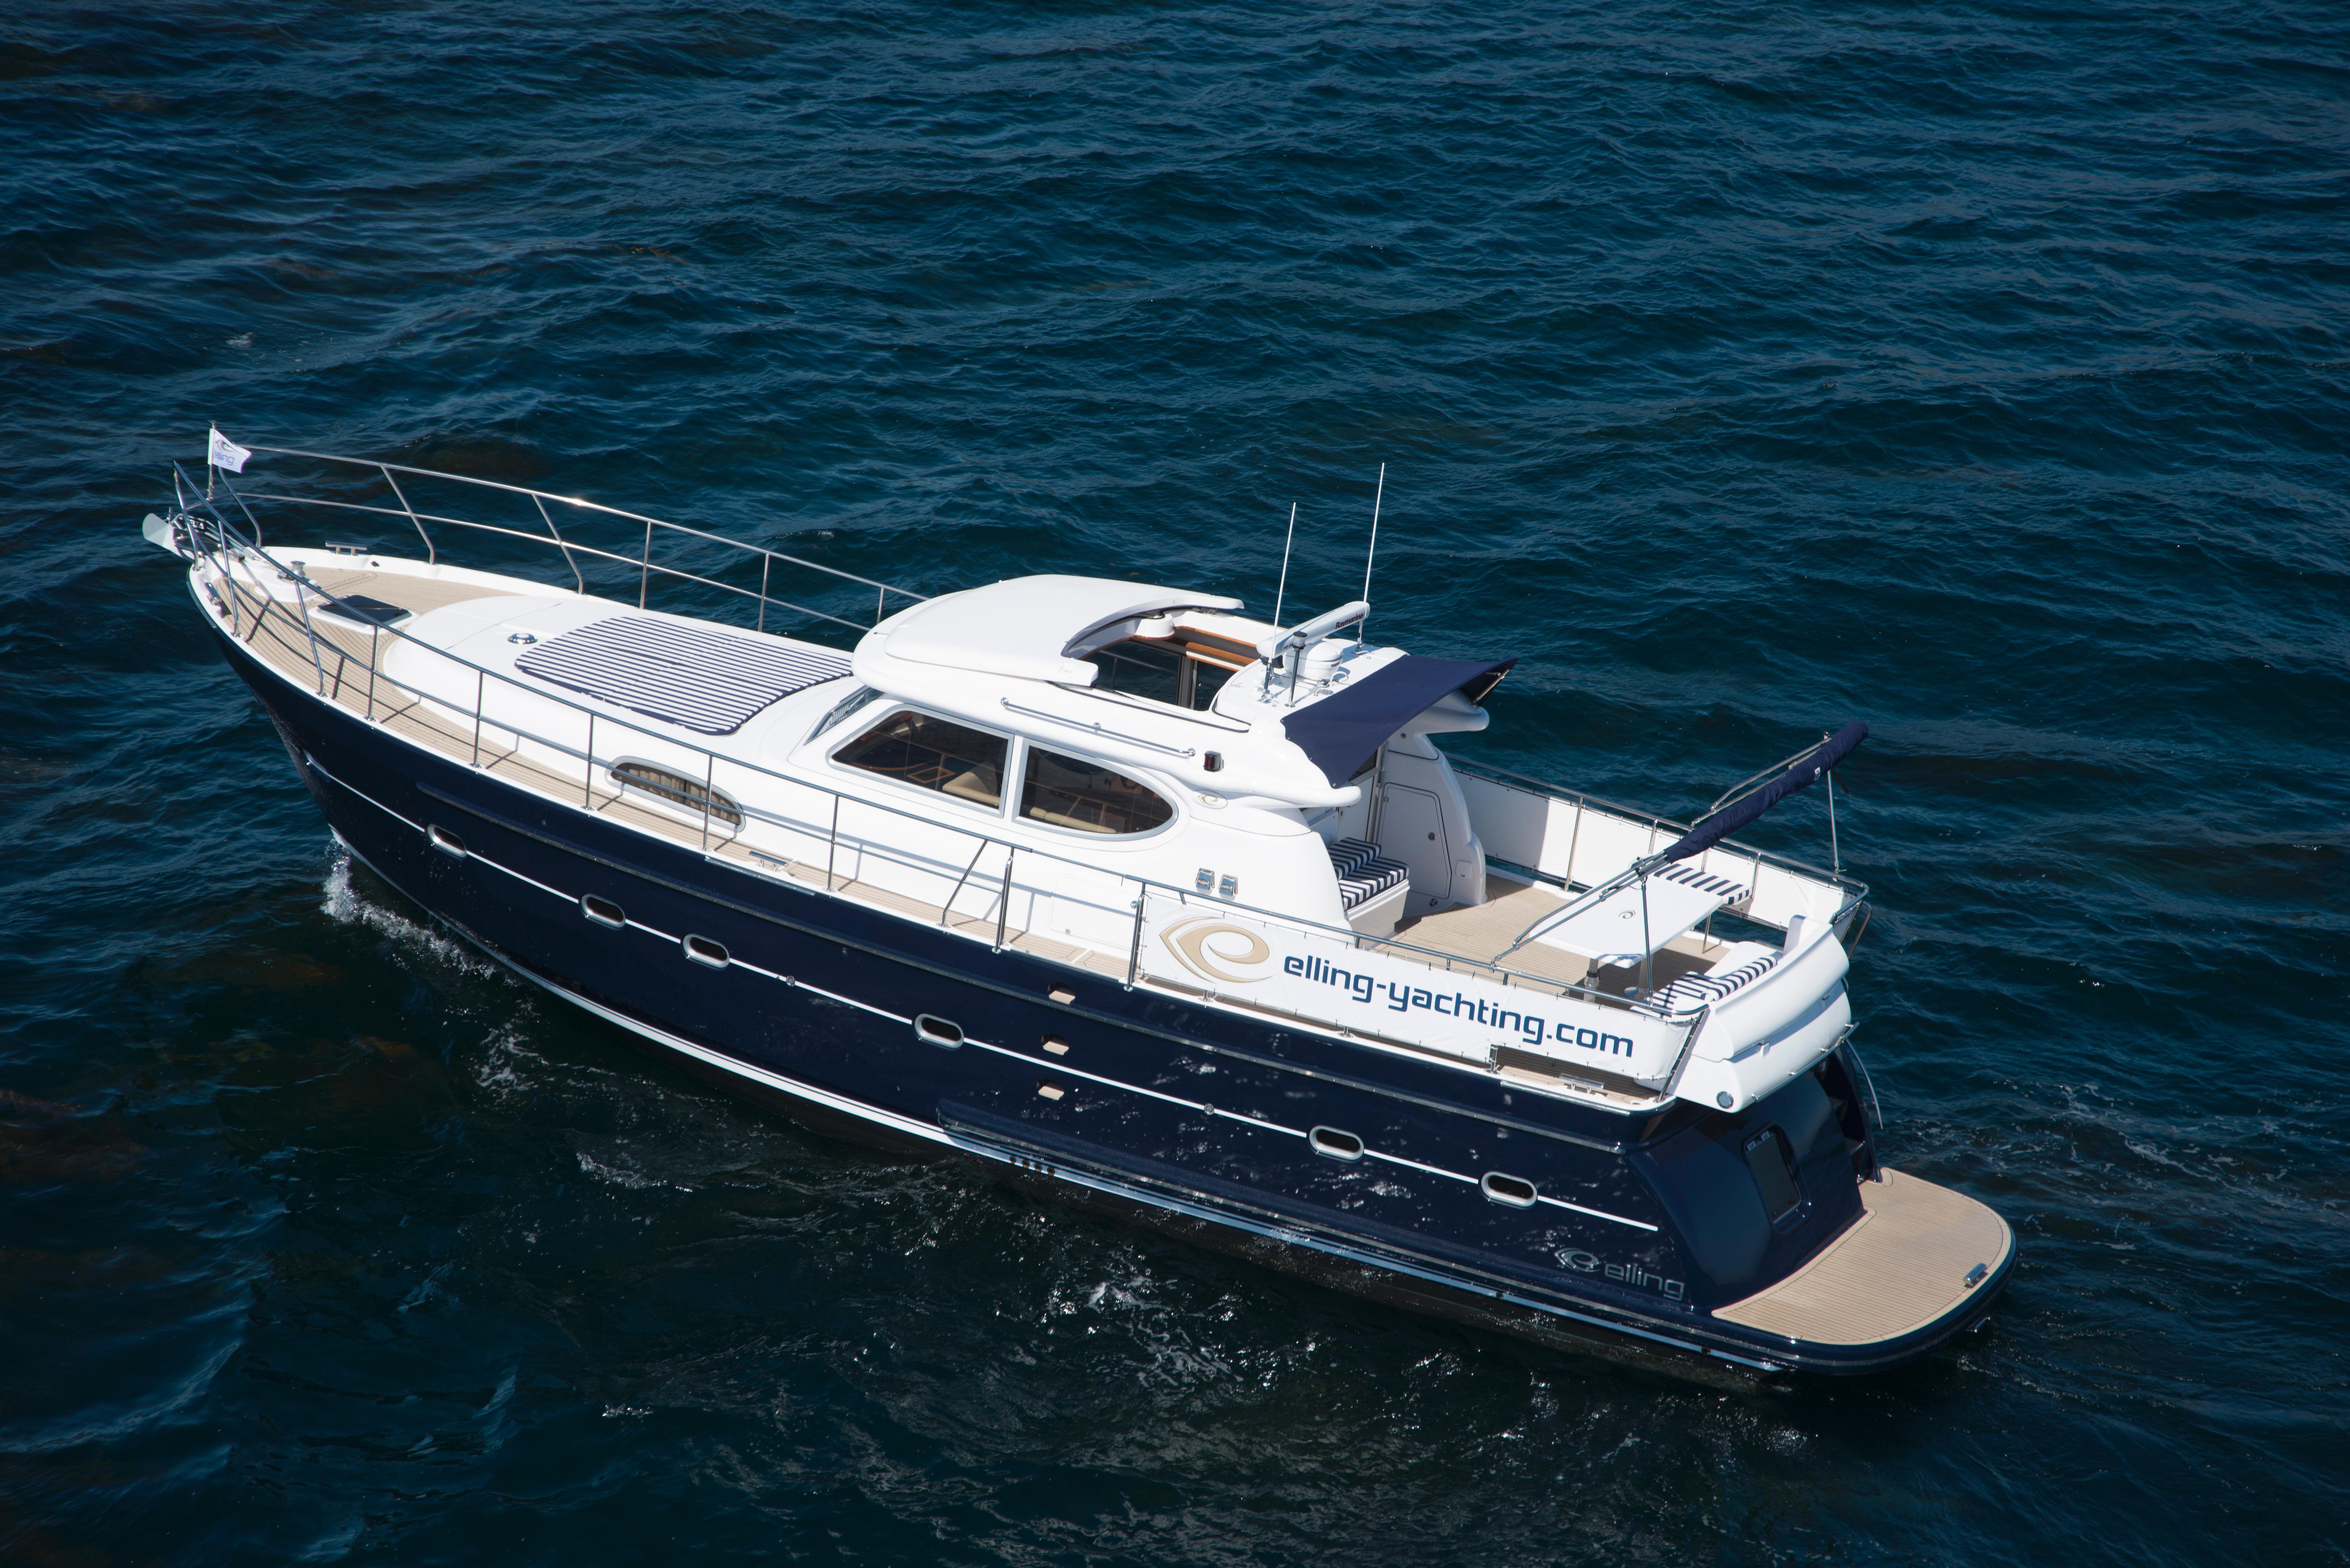 49' Elling E4 Ultimate 2019 | Seacoast Yachts